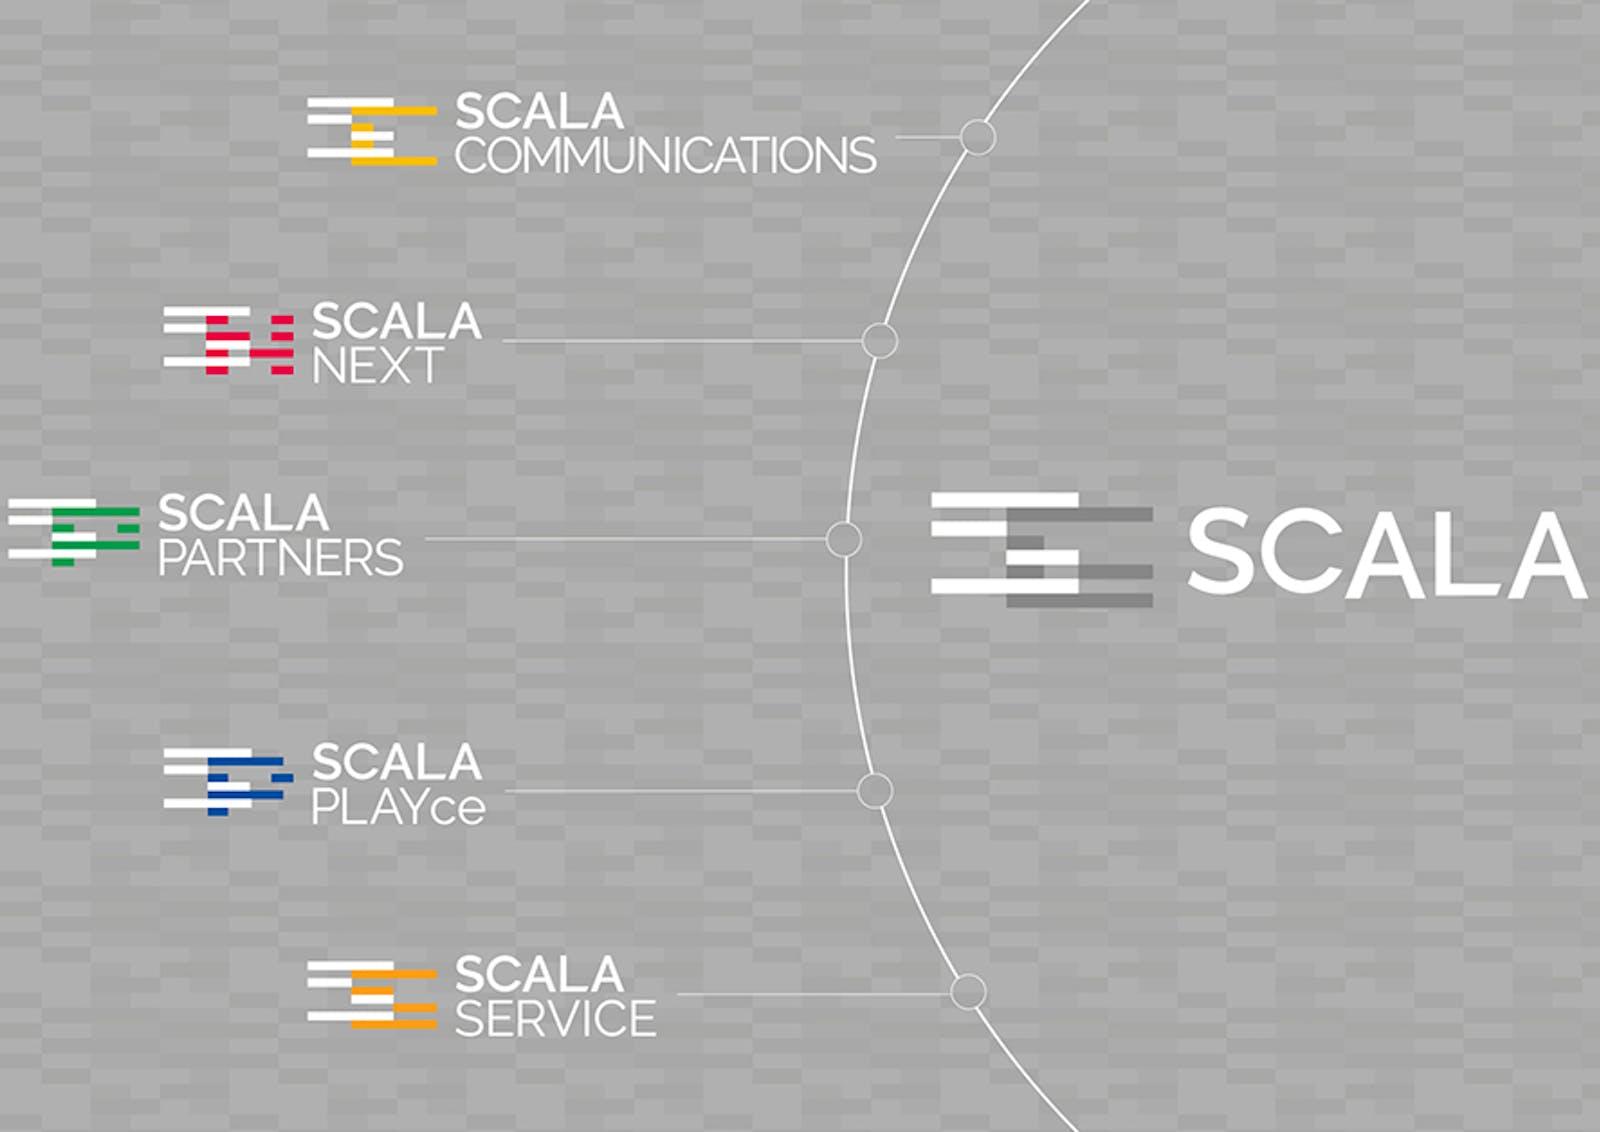 株式会社スカラのアイキャッチ画像